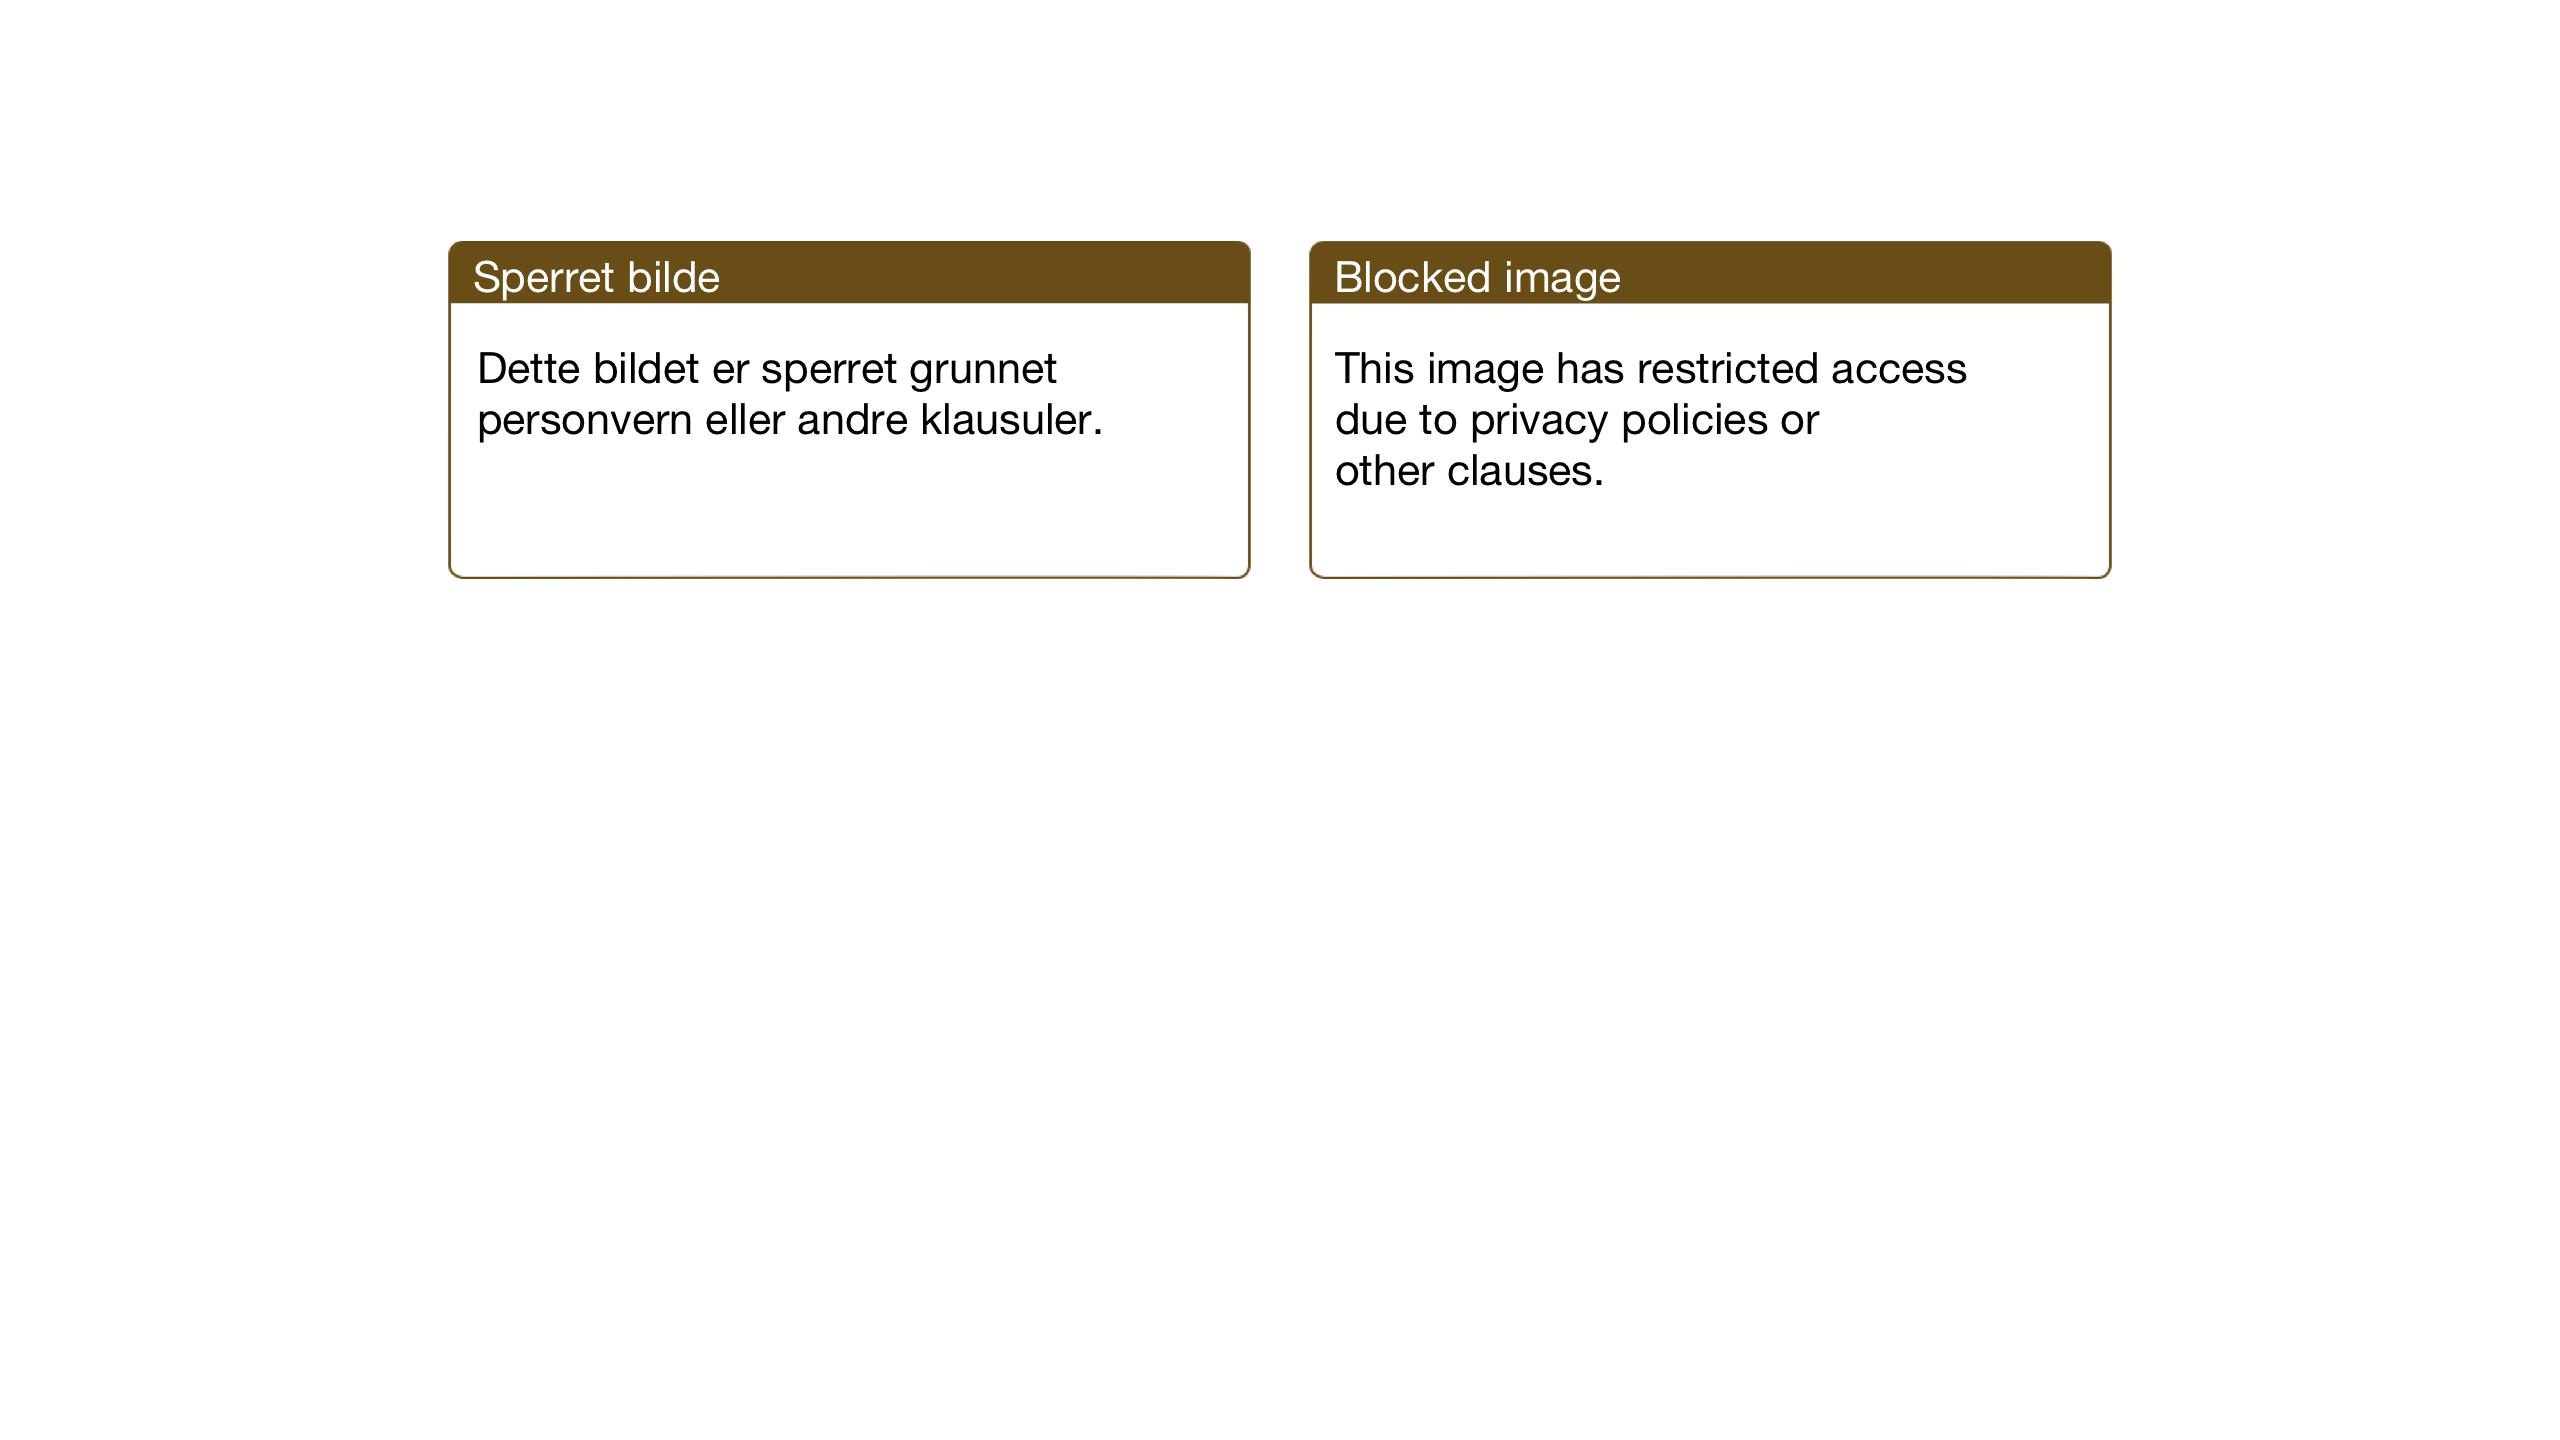 SAT, Ministerialprotokoller, klokkerbøker og fødselsregistre - Sør-Trøndelag, 637/L0564: Klokkerbok nr. 637C05, 1928-1968, s. 220